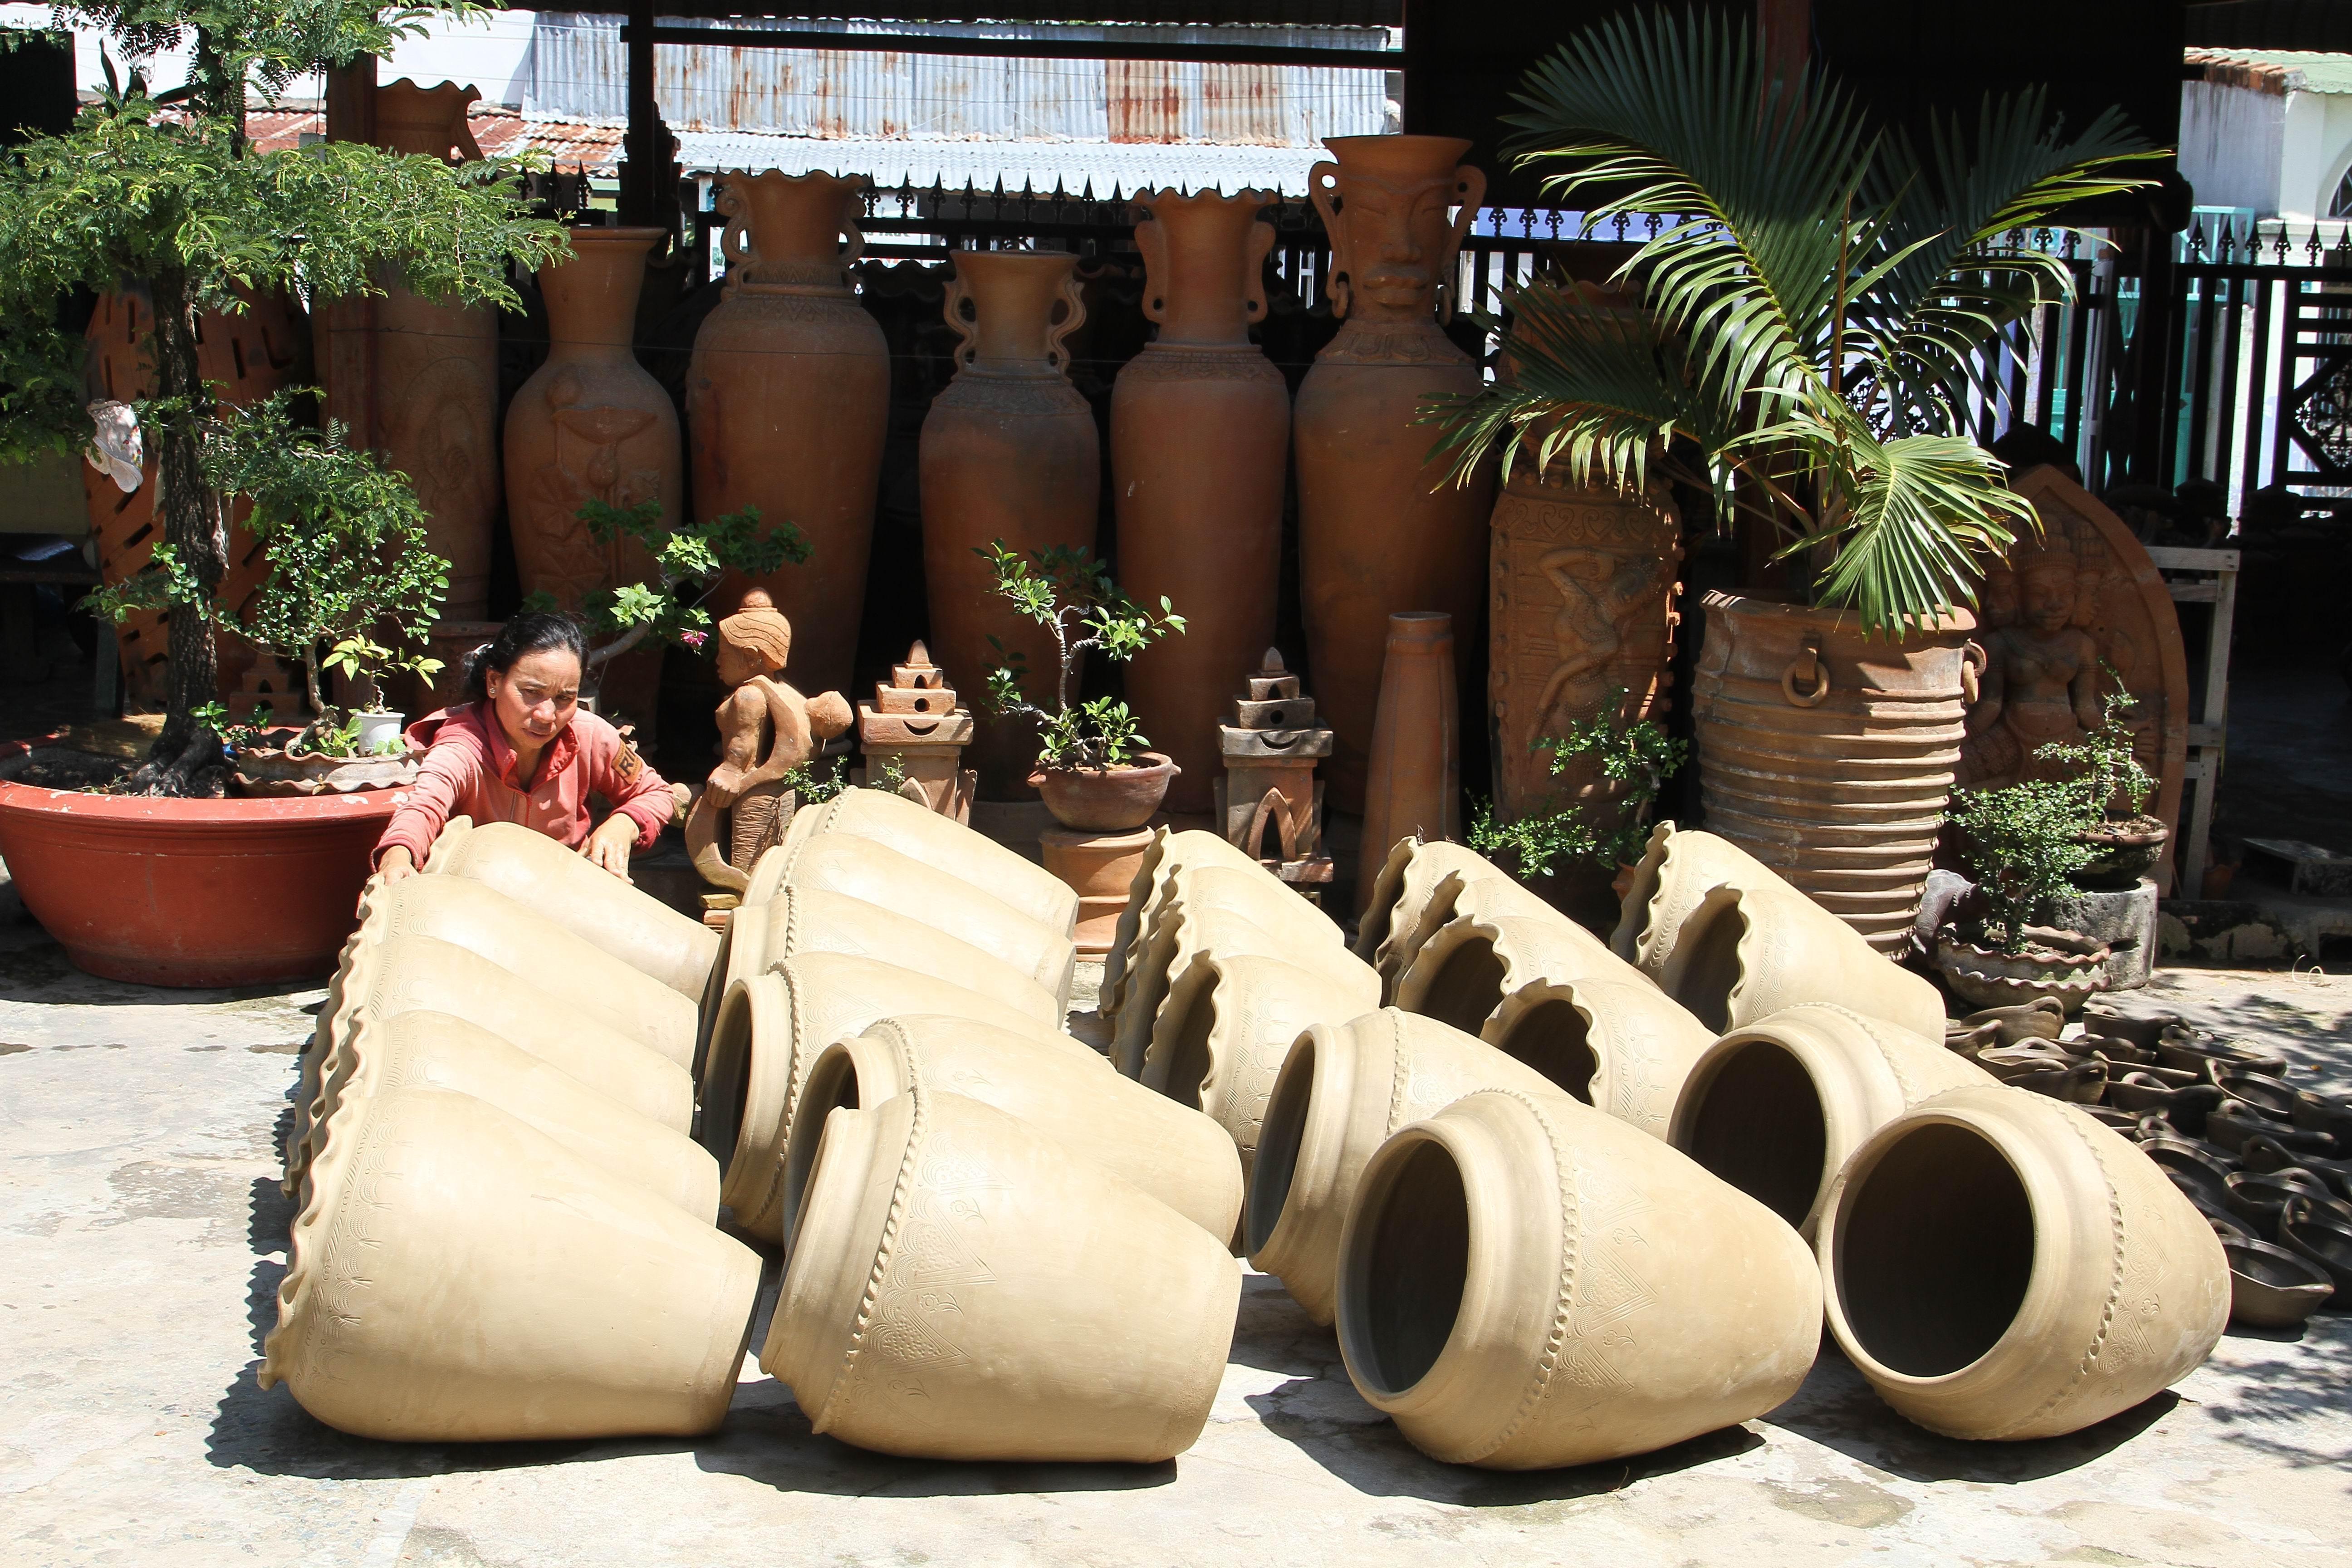 Các nghệ nhân làng Chăm Bàu Trúc phơi gốm trước khi đưa vô lò nung.